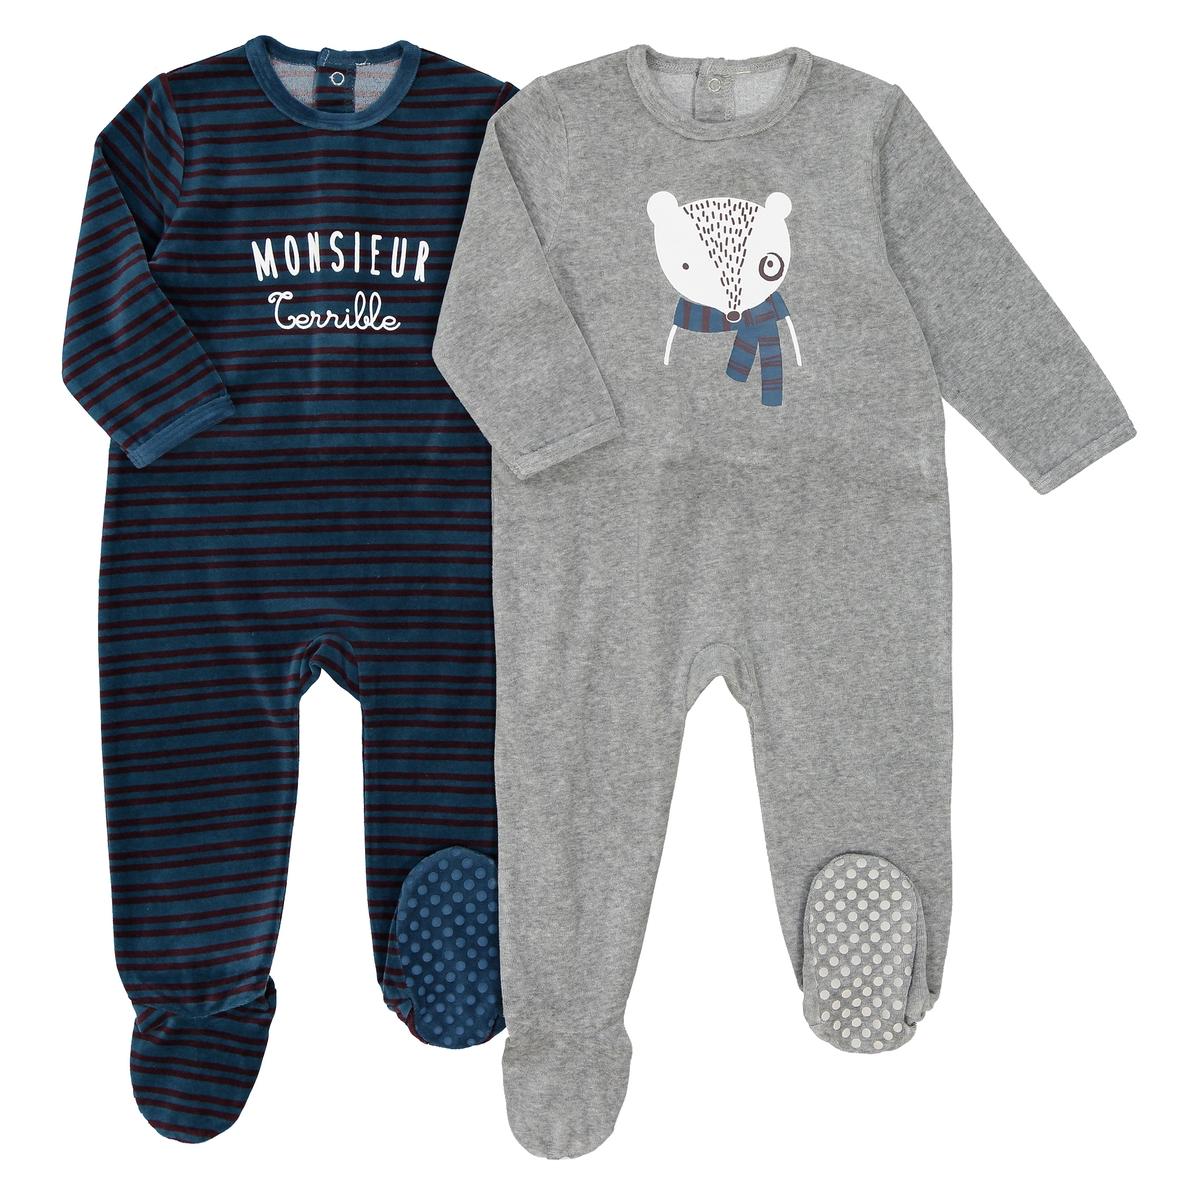 Комплект из цельных пижам La Redoute С рисунком из велюра - года 3 года - 94 см синий комплект из 2 пижам с рисунком лама из хлопка 0 мес 3 года